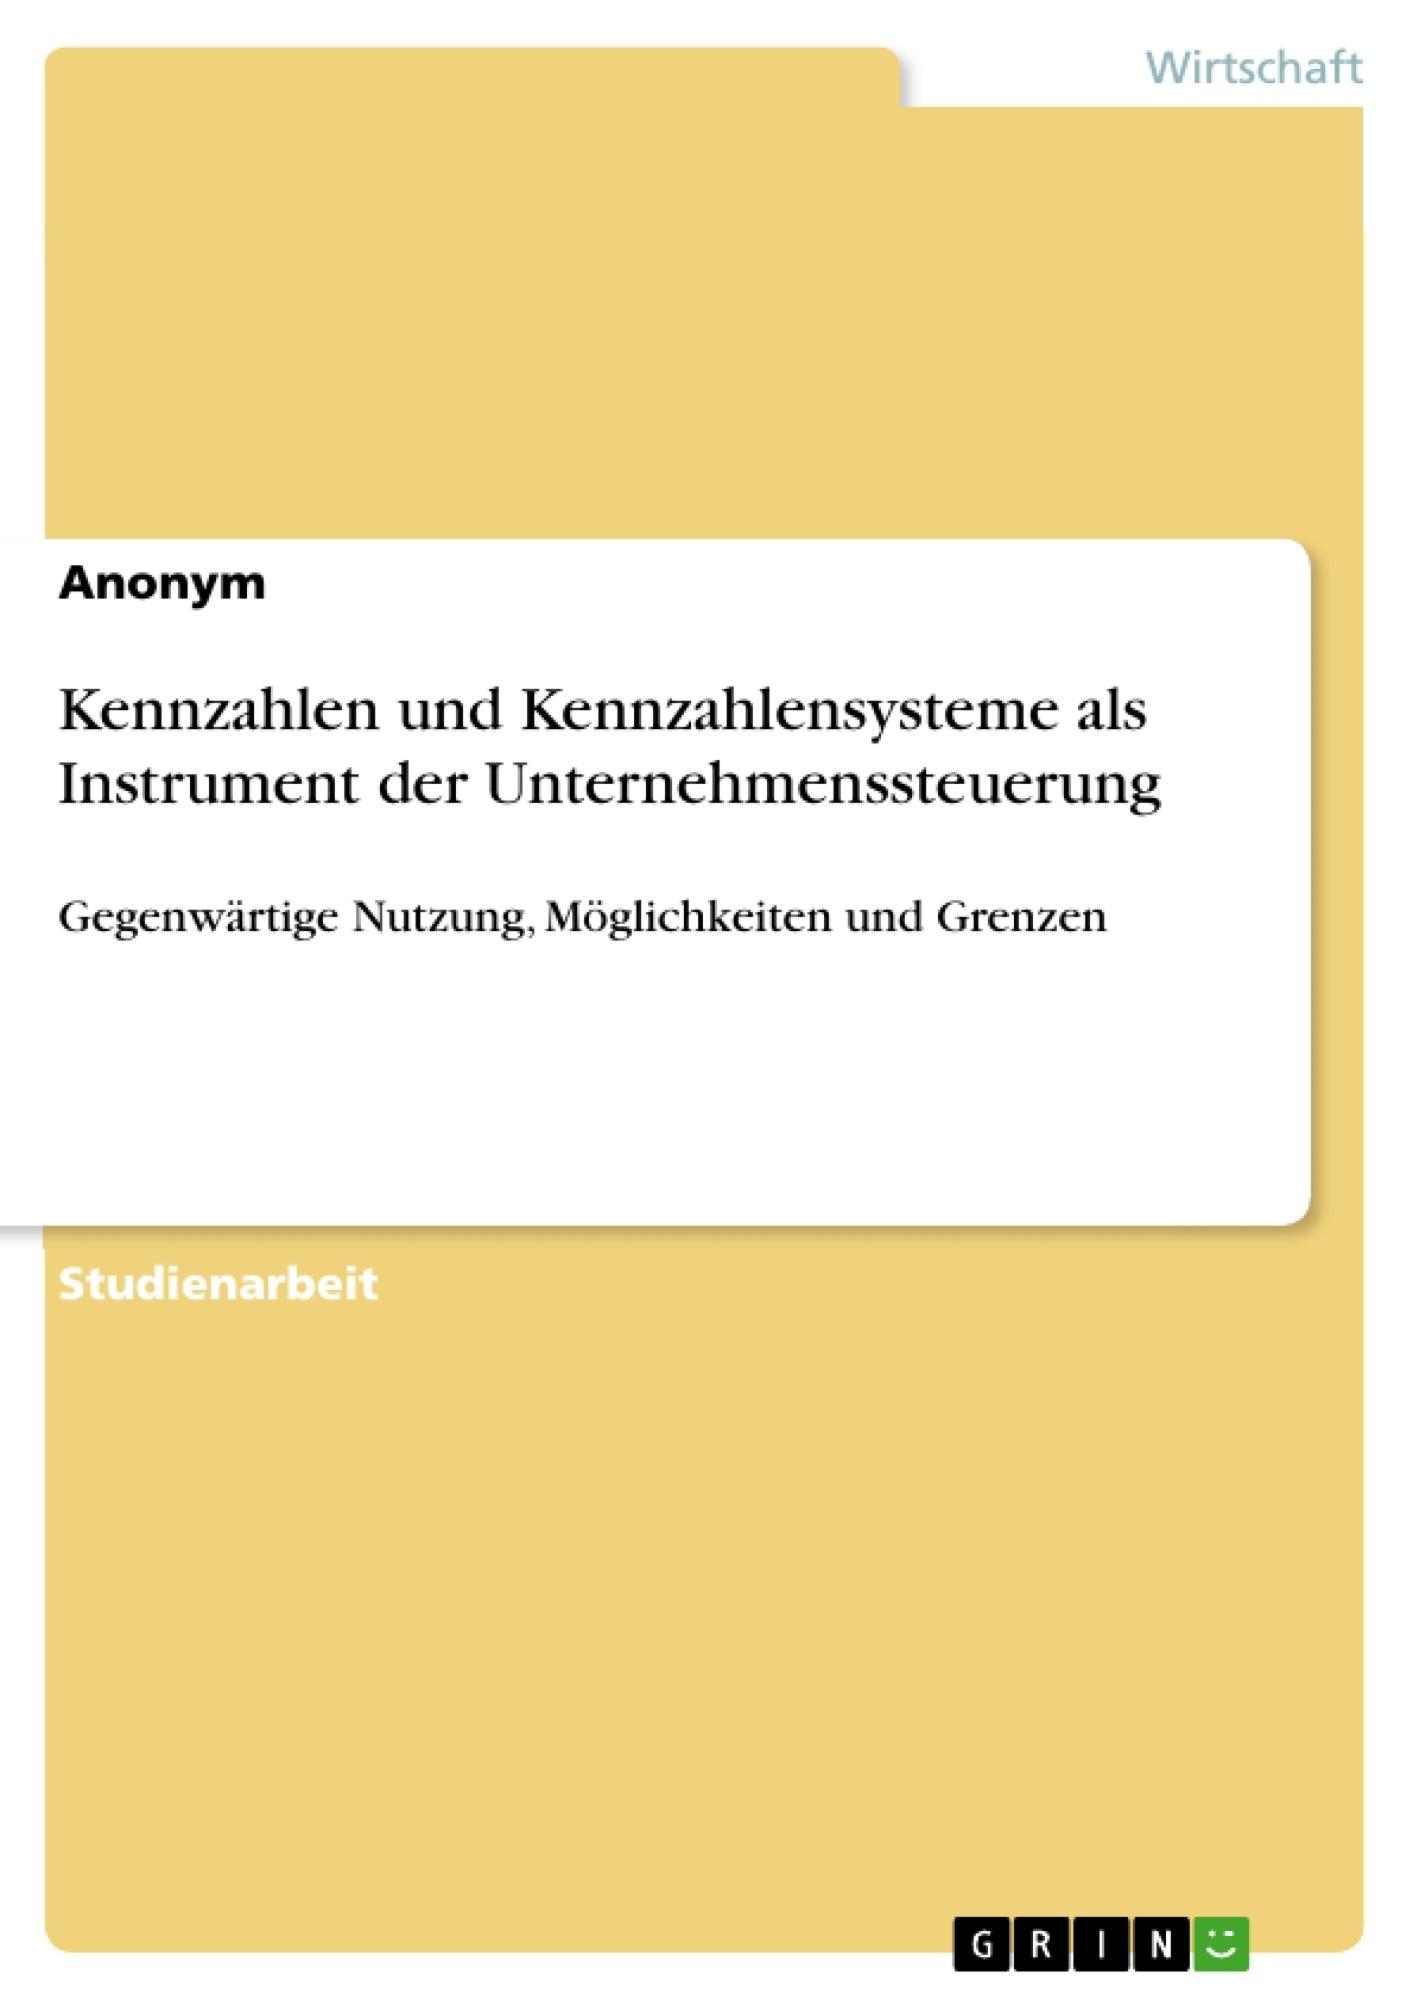 Titel: Kennzahlen und Kennzahlensysteme als Instrument der Unternehmenssteuerung